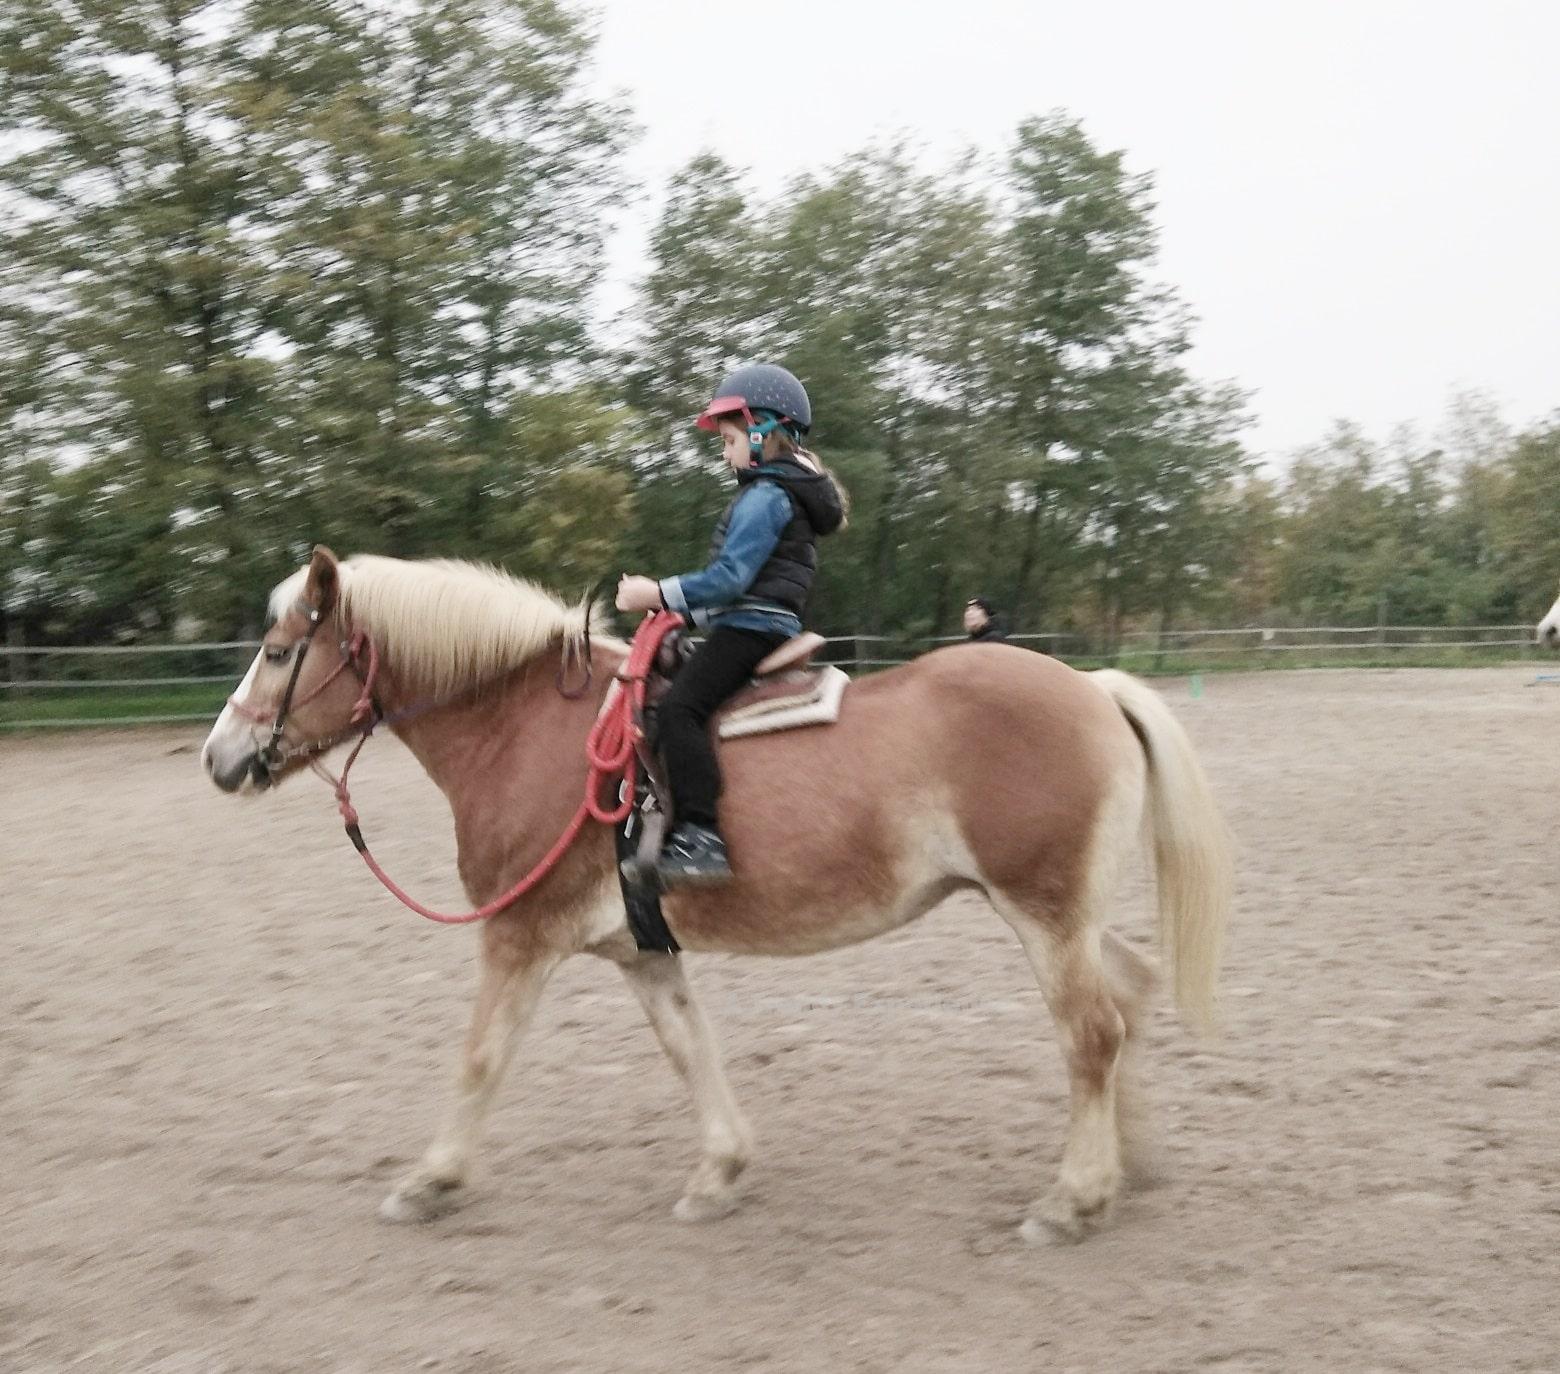 equitazione per bambini cosa c'è da sapere